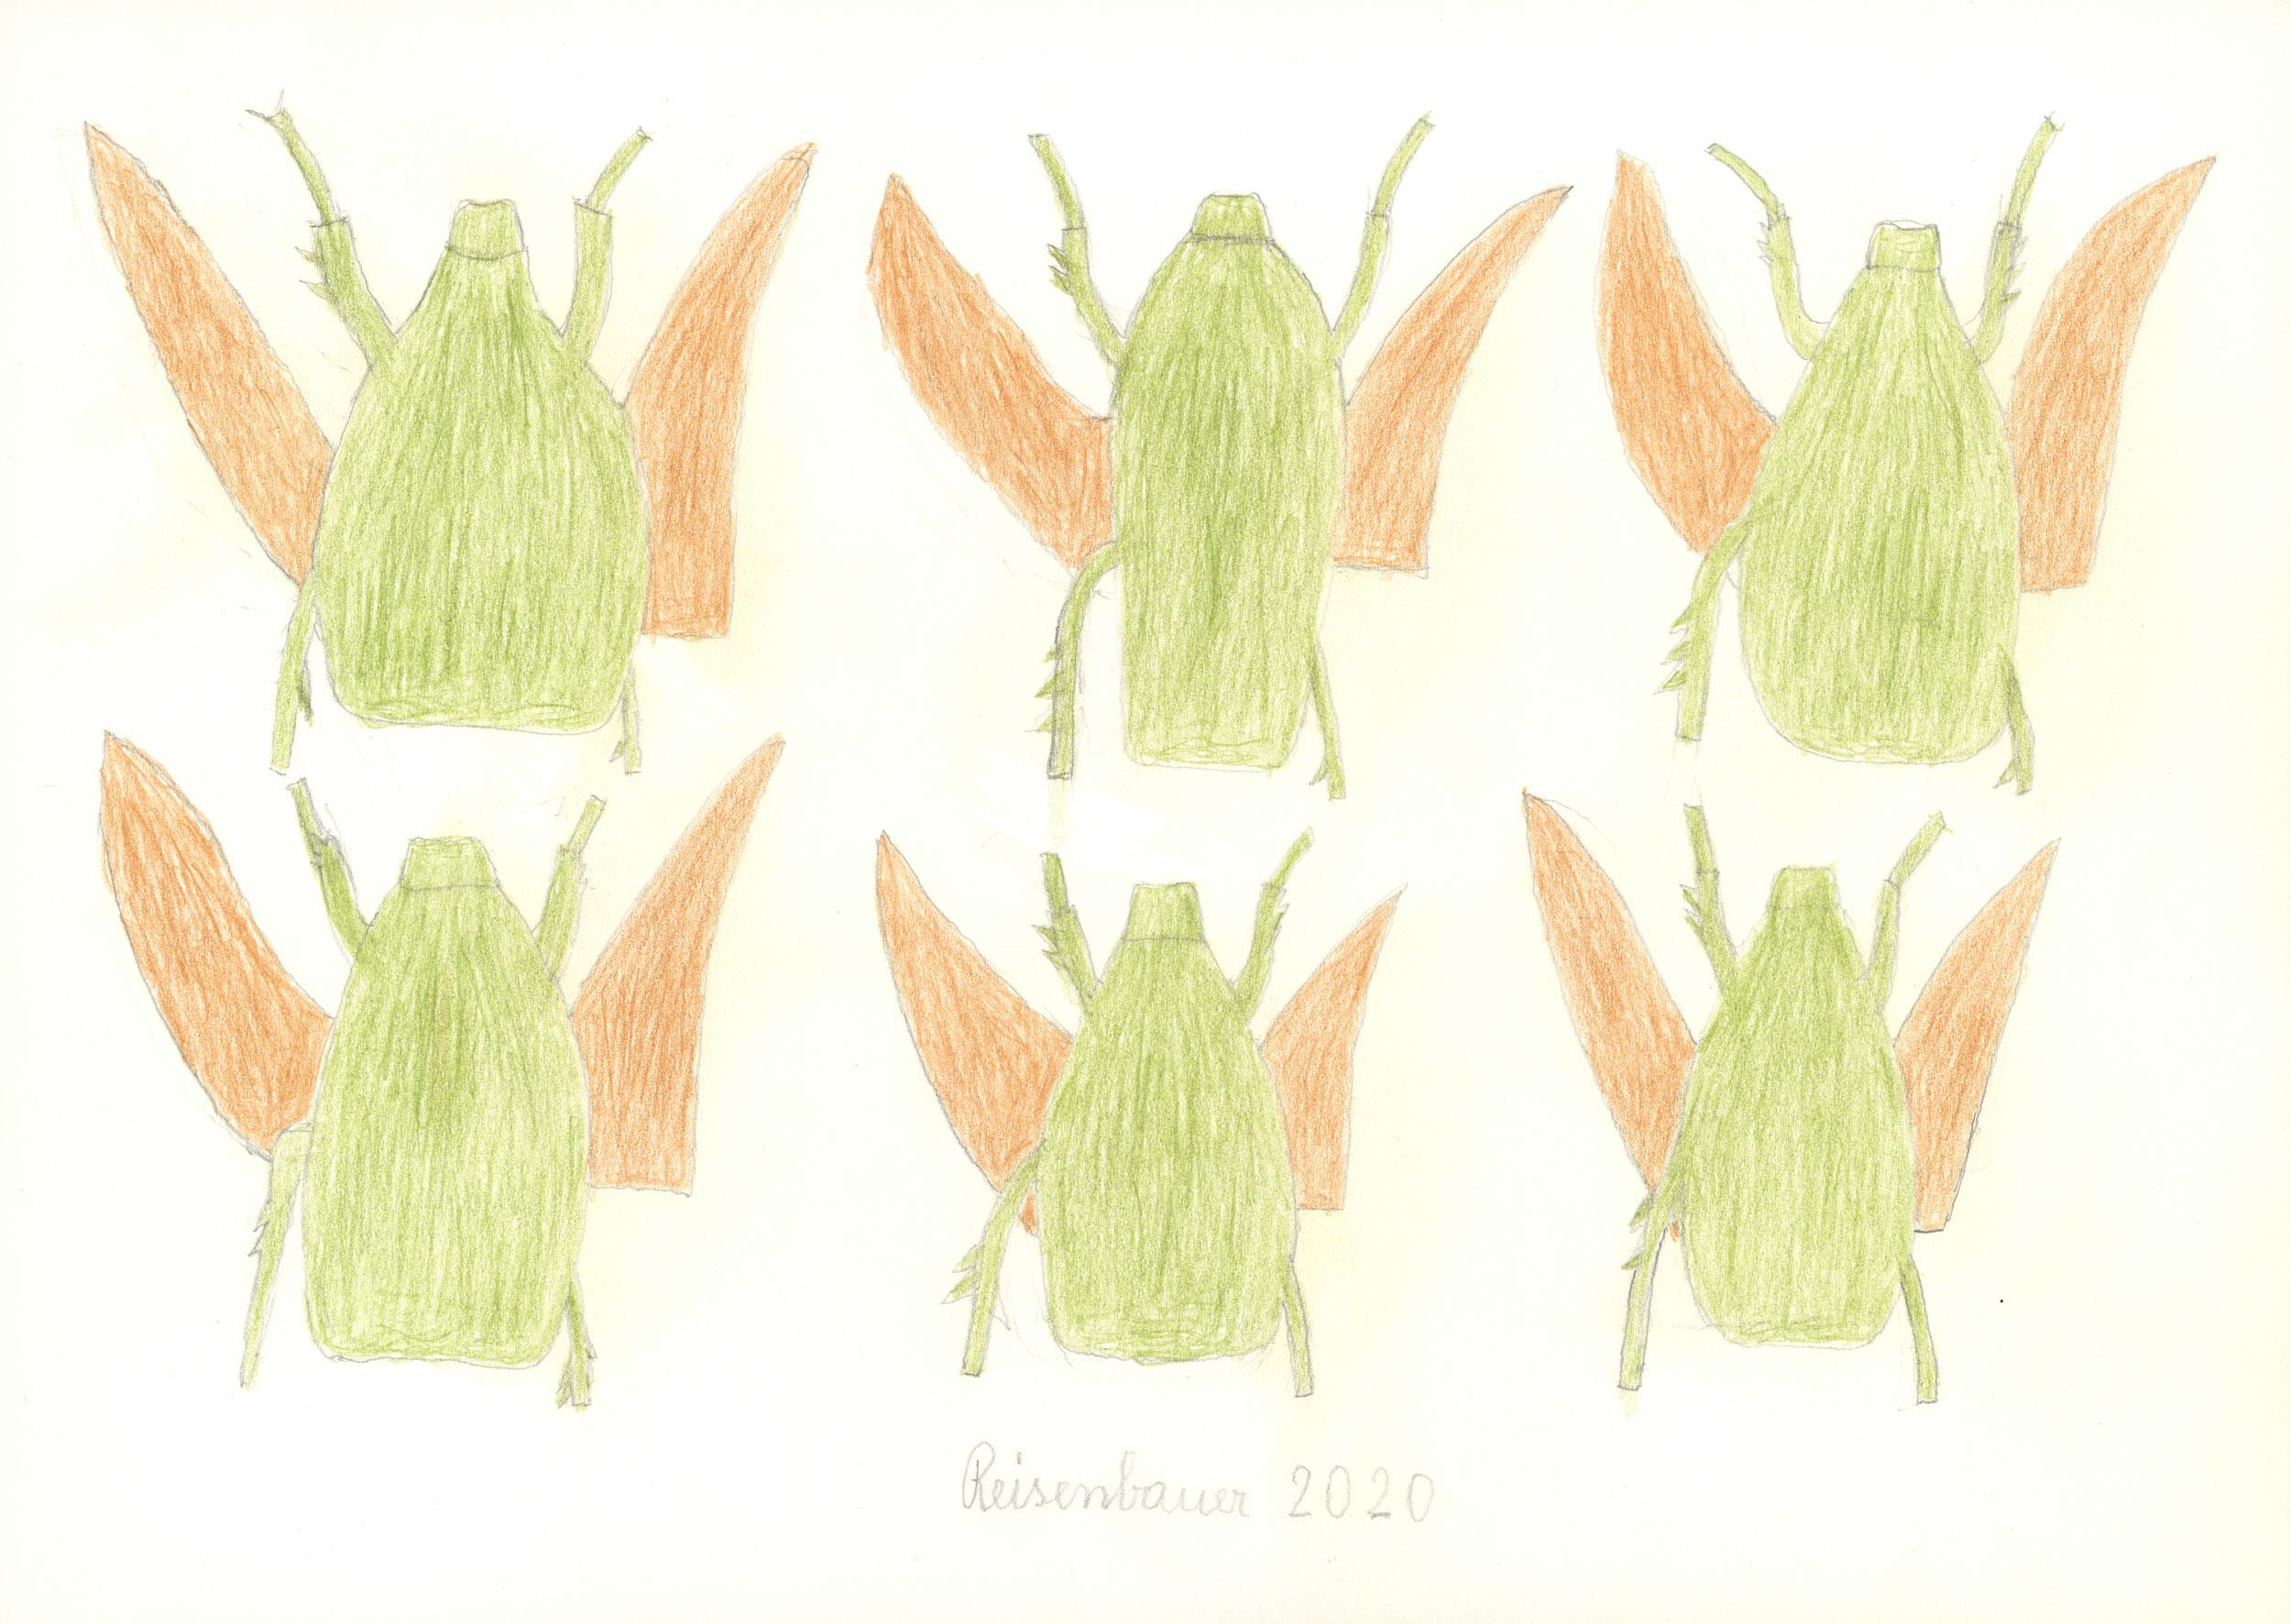 reisenbauer heinrich - Käfer / Beetle